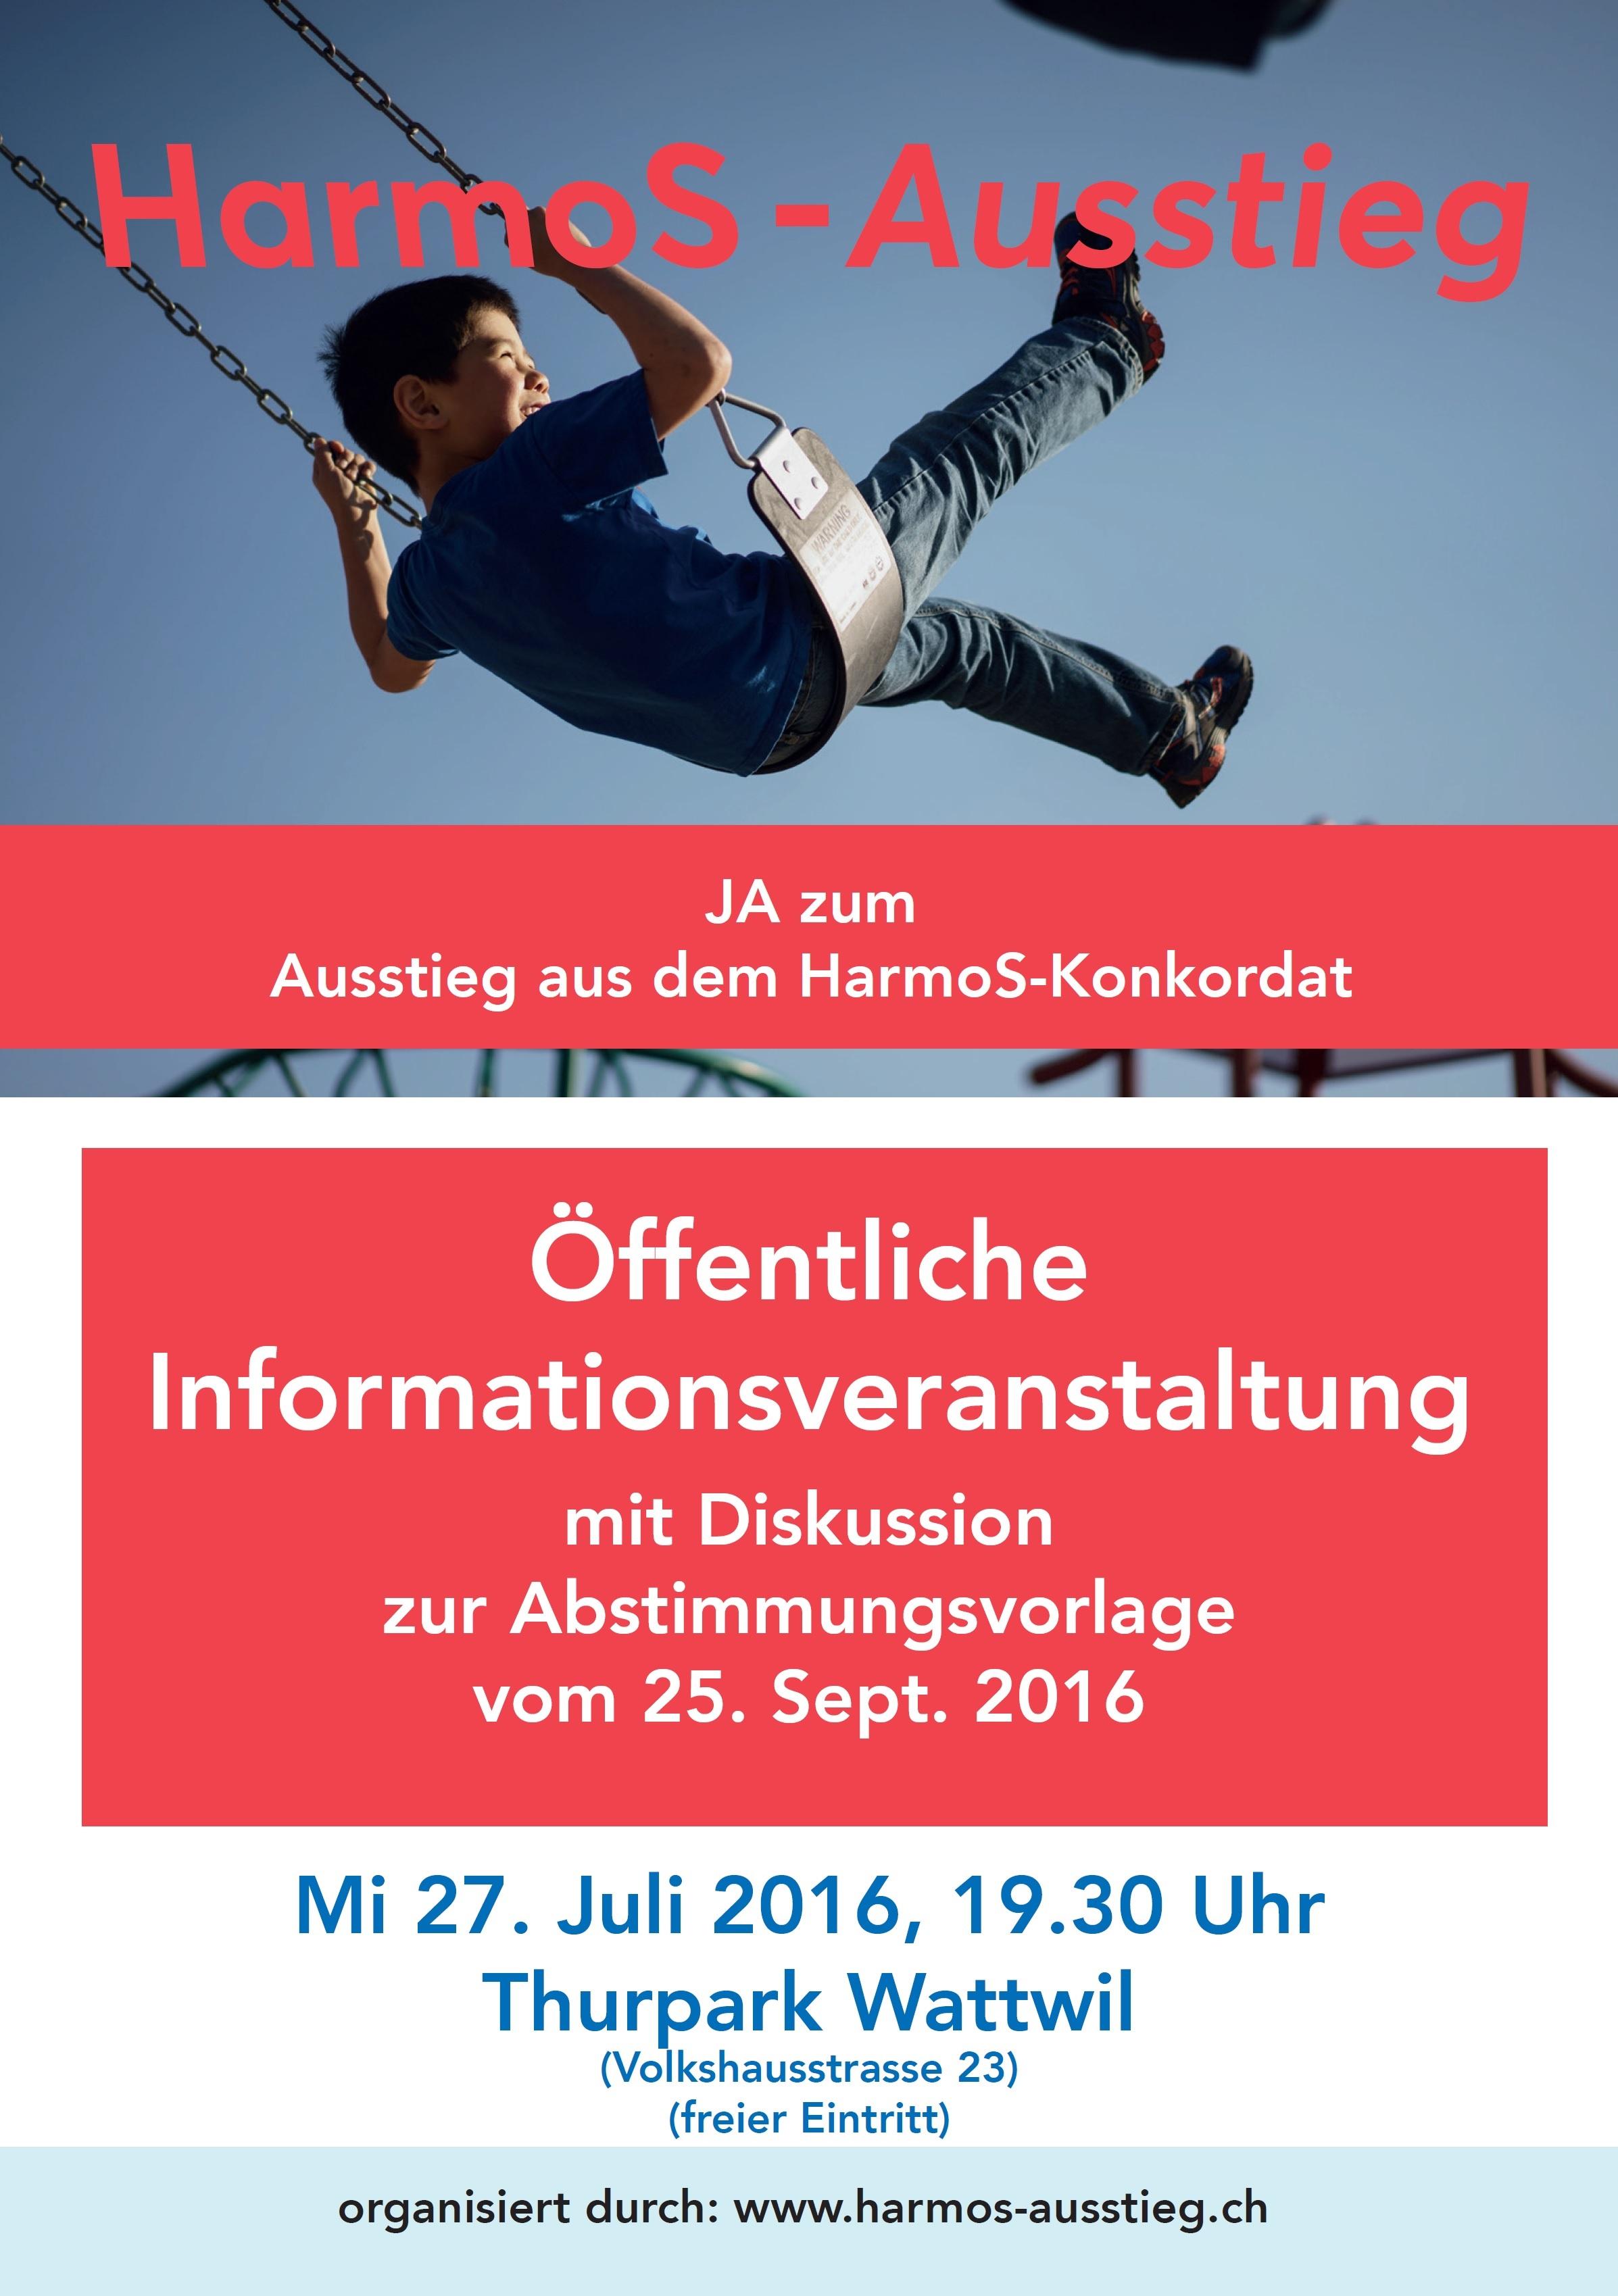 Veranstaltung Wattwil